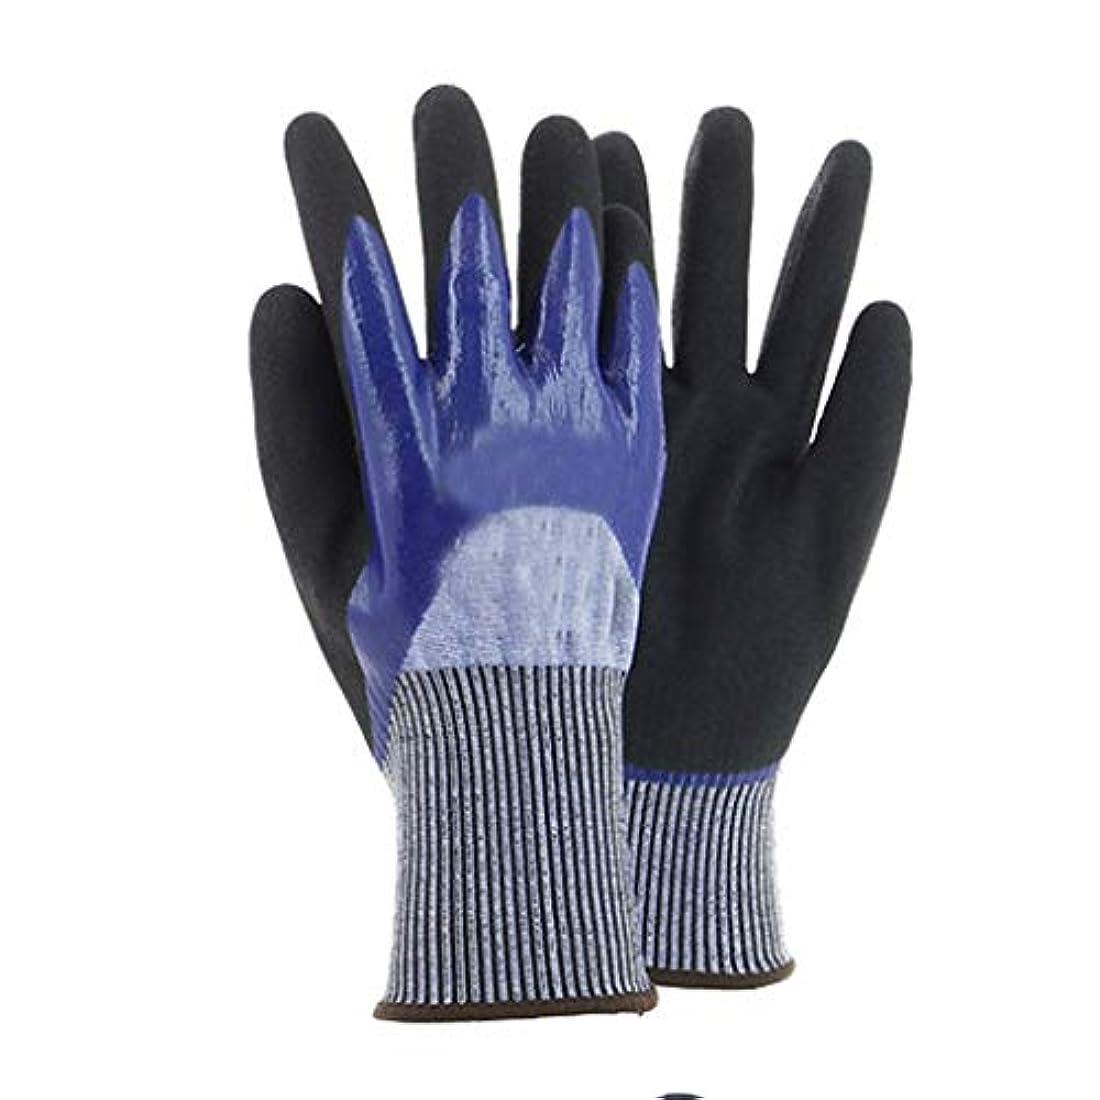 ベイビー哺乳類かなりのLIUXIN 労働保護手袋カット耐性オイル耐性ニトリルゴム手袋耐摩耗性ブルーマルチサイズオプション ゴム手袋 (Size : L)